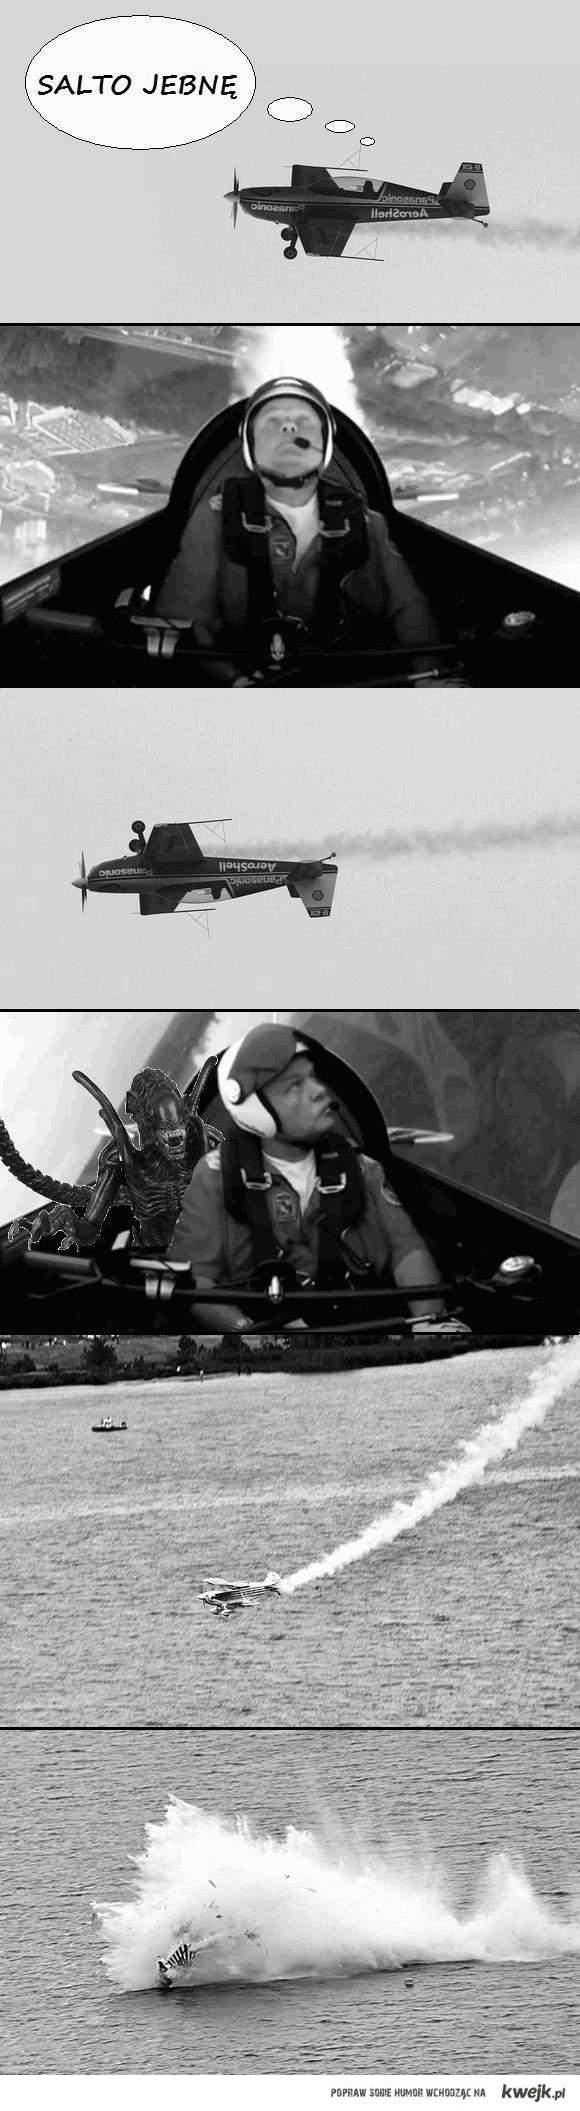 Prawdziwa przyczyna wypadku pilota Szufy